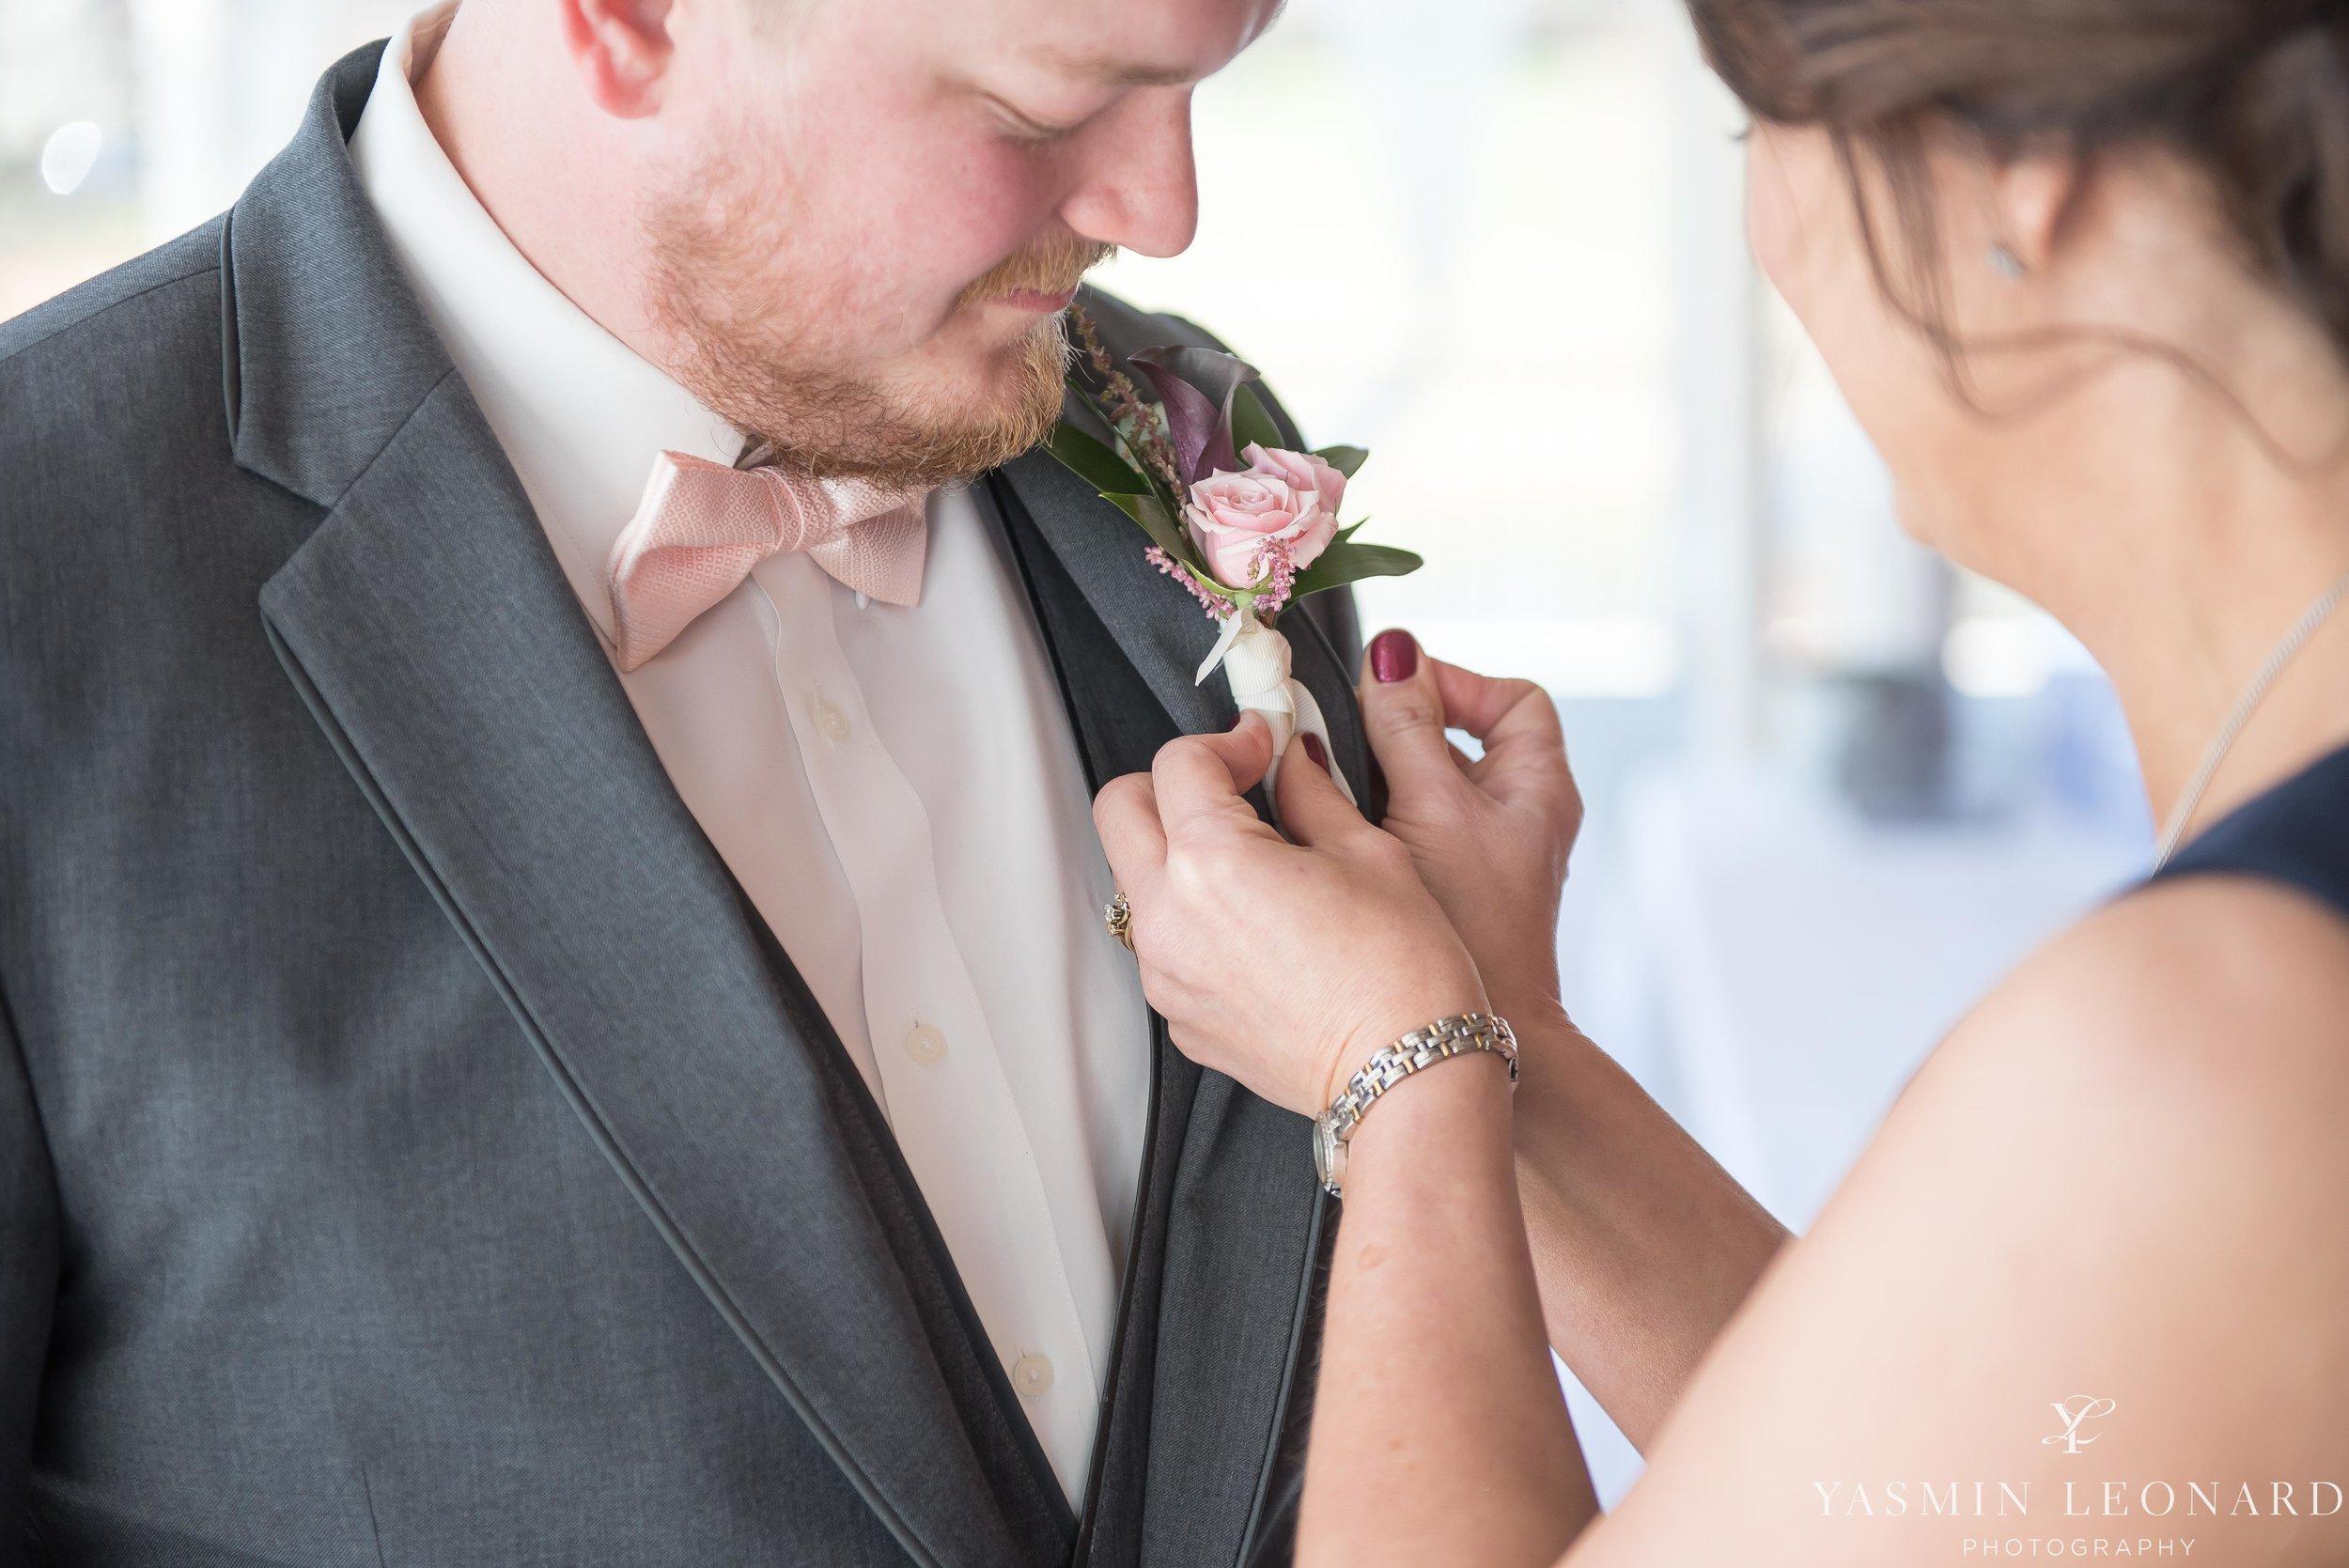 Millikan Farms - Millikan Farms Wedding - Sophia NC Wedding - NC Wedding - NC Wedding Photographer - Yasmin Leonard Photography - High Point Photographer - Barn Wedding - Wedding Venues in NC - Triad Wedding Photographer-12.jpg